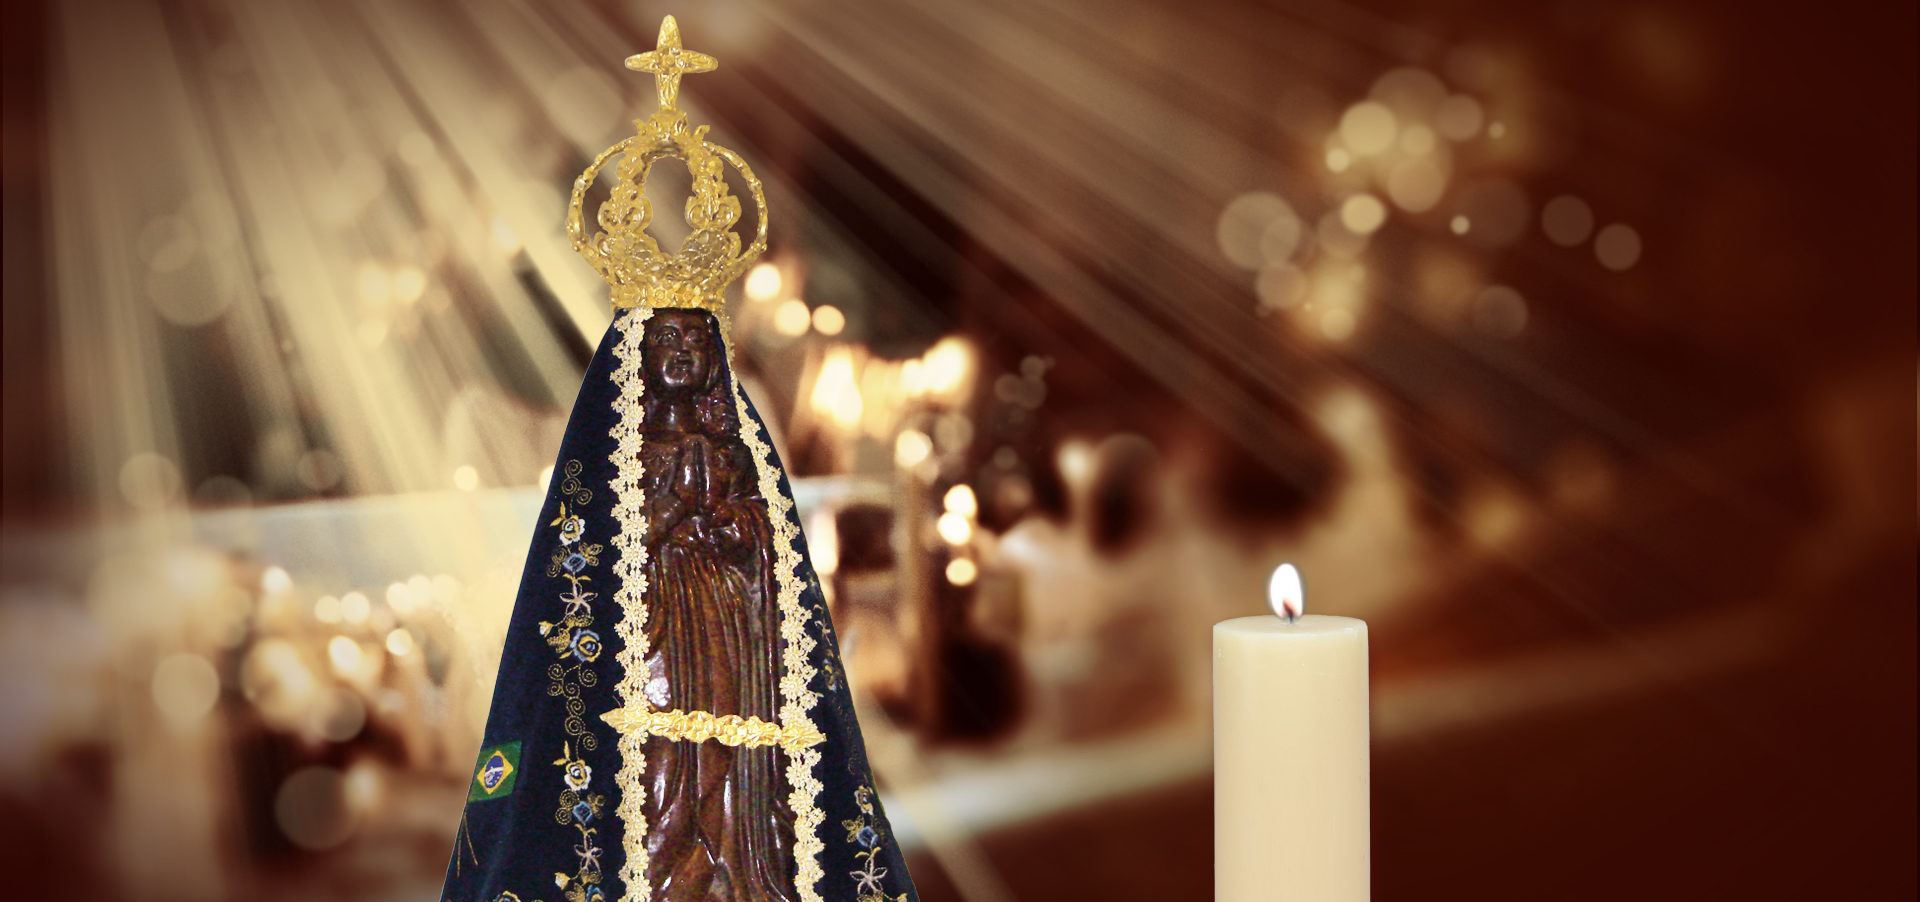 Nossa Senhora Aparecida: Oração De Nossa Senhora Aparecida Para Alcançar As Suas